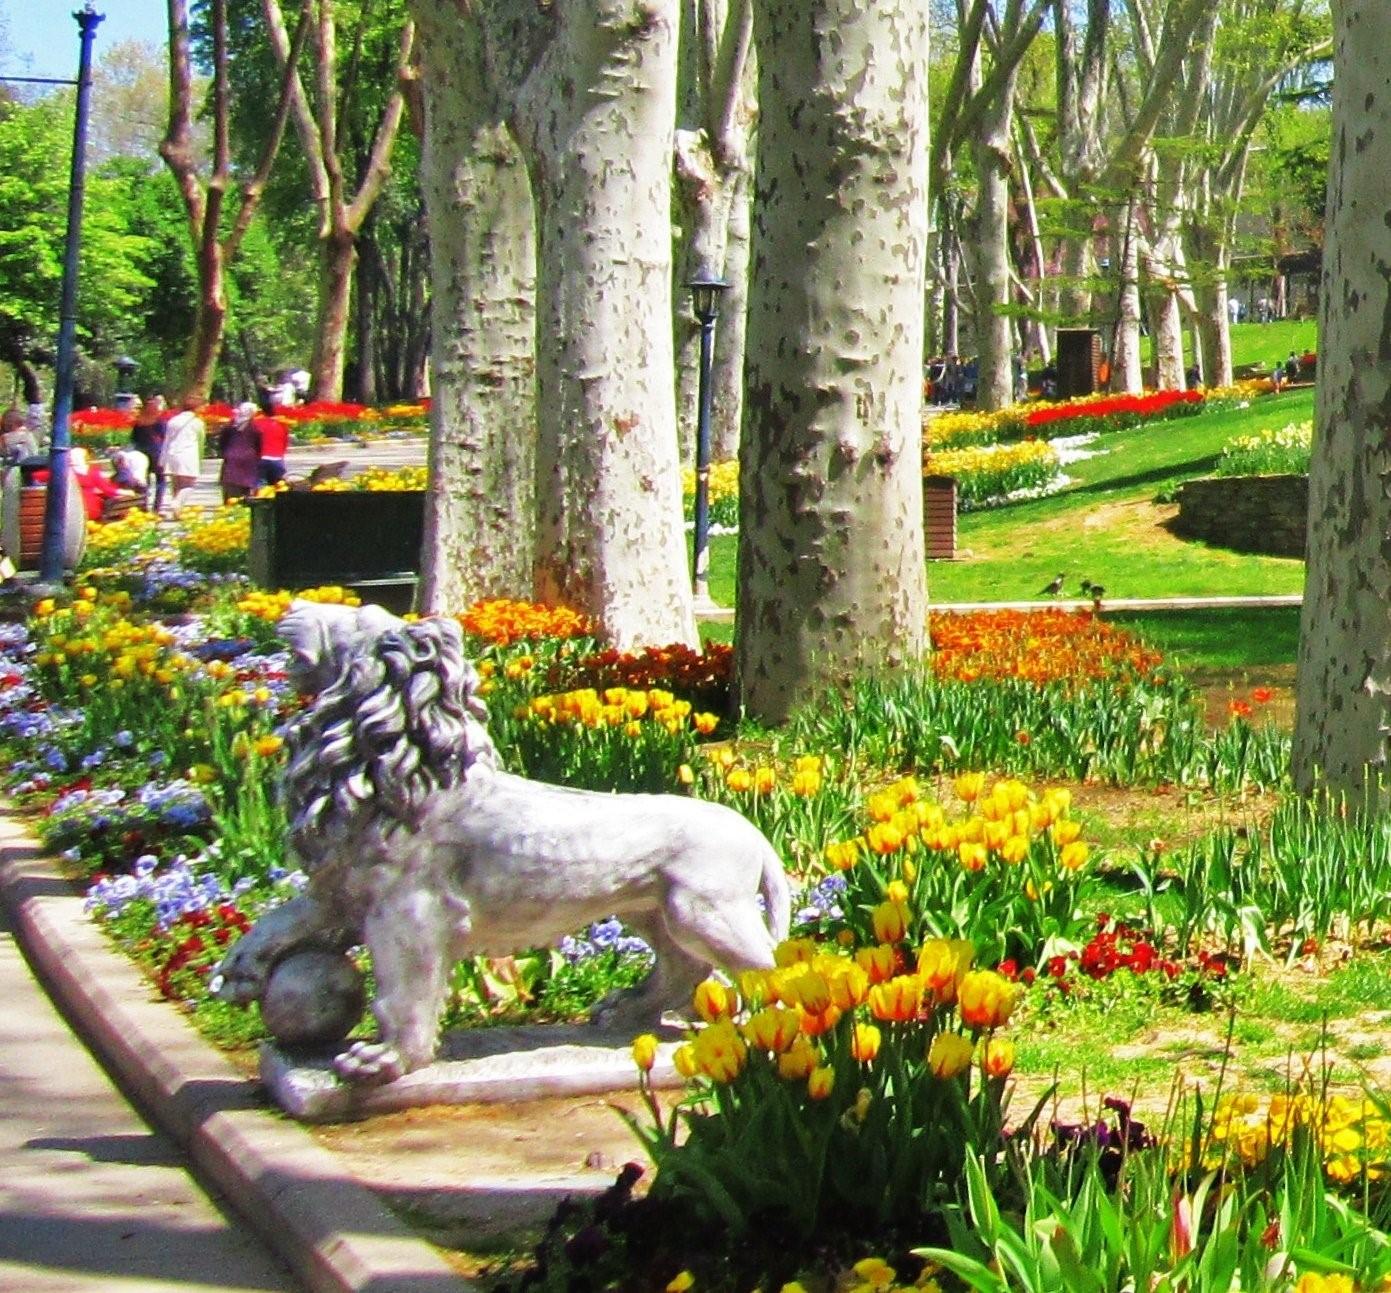 Quel Est Le Plus Beau Parc D'istanbul? Comment Peux-Je Y ... dedans Plante Pour Jardin Japonais